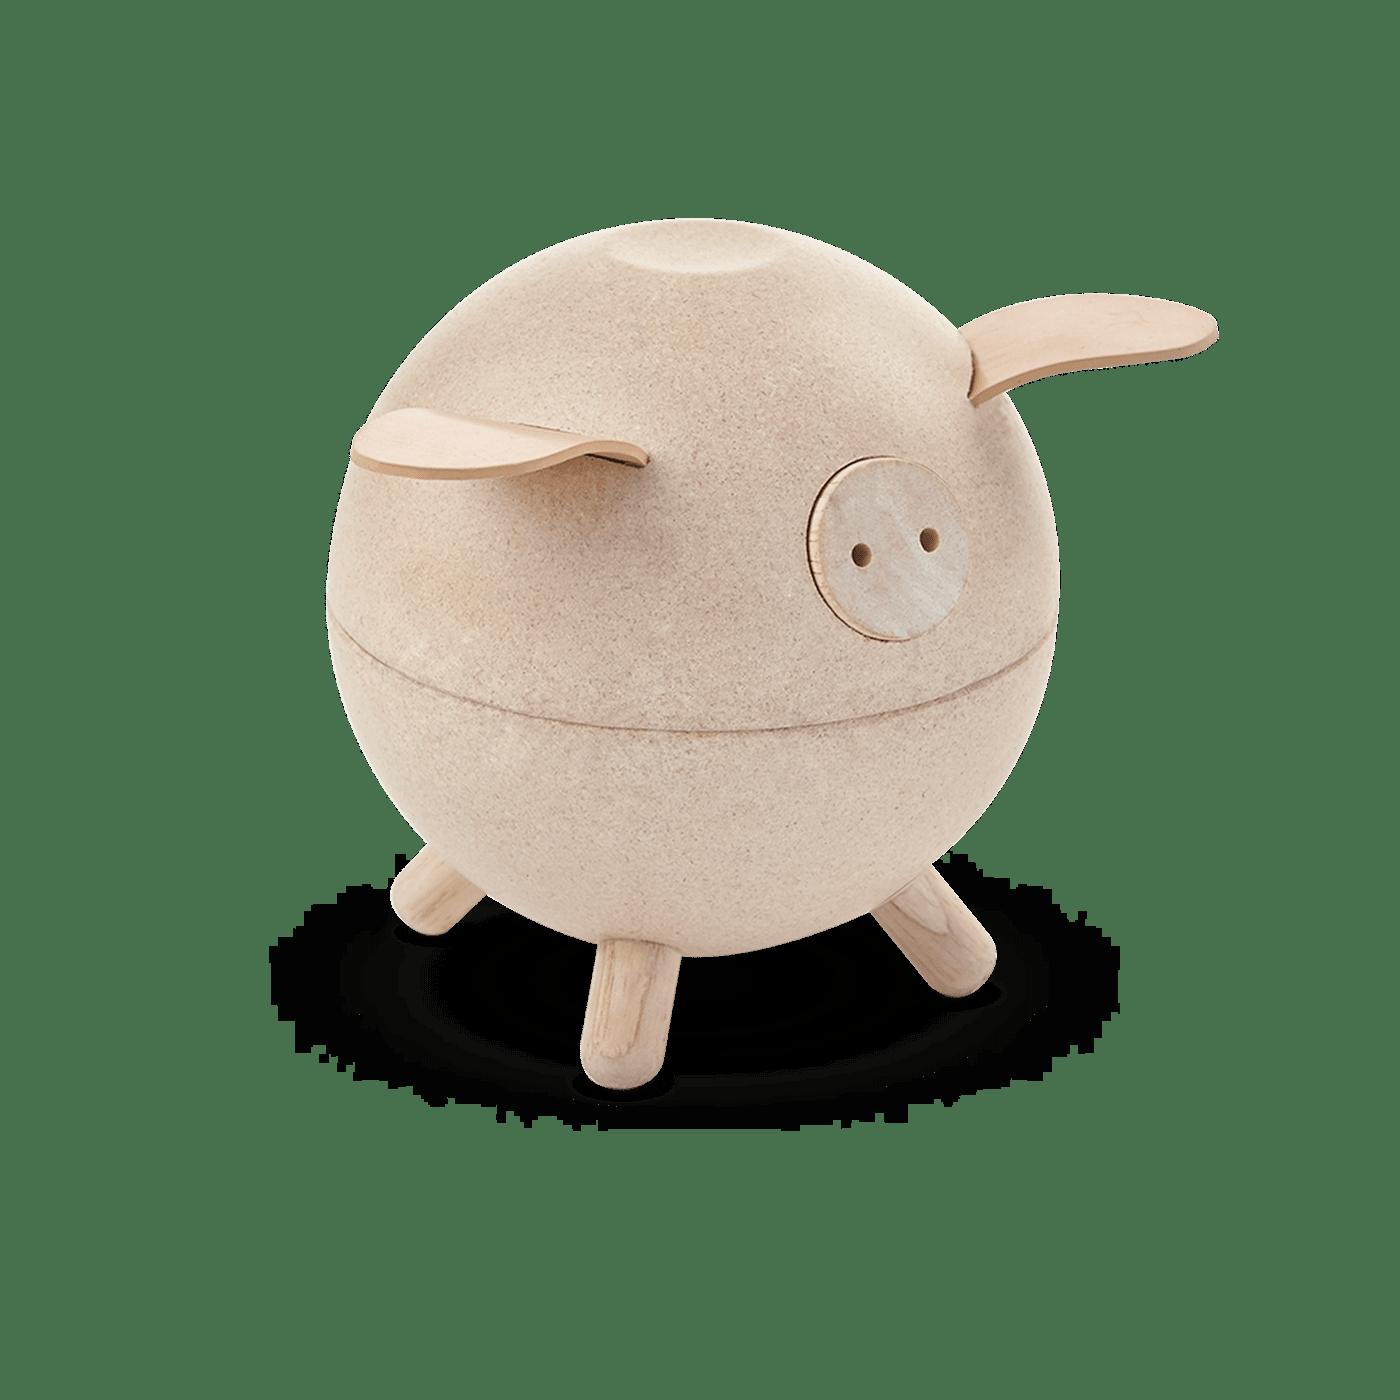 PlanToys - Piggy Bank Spardose natur